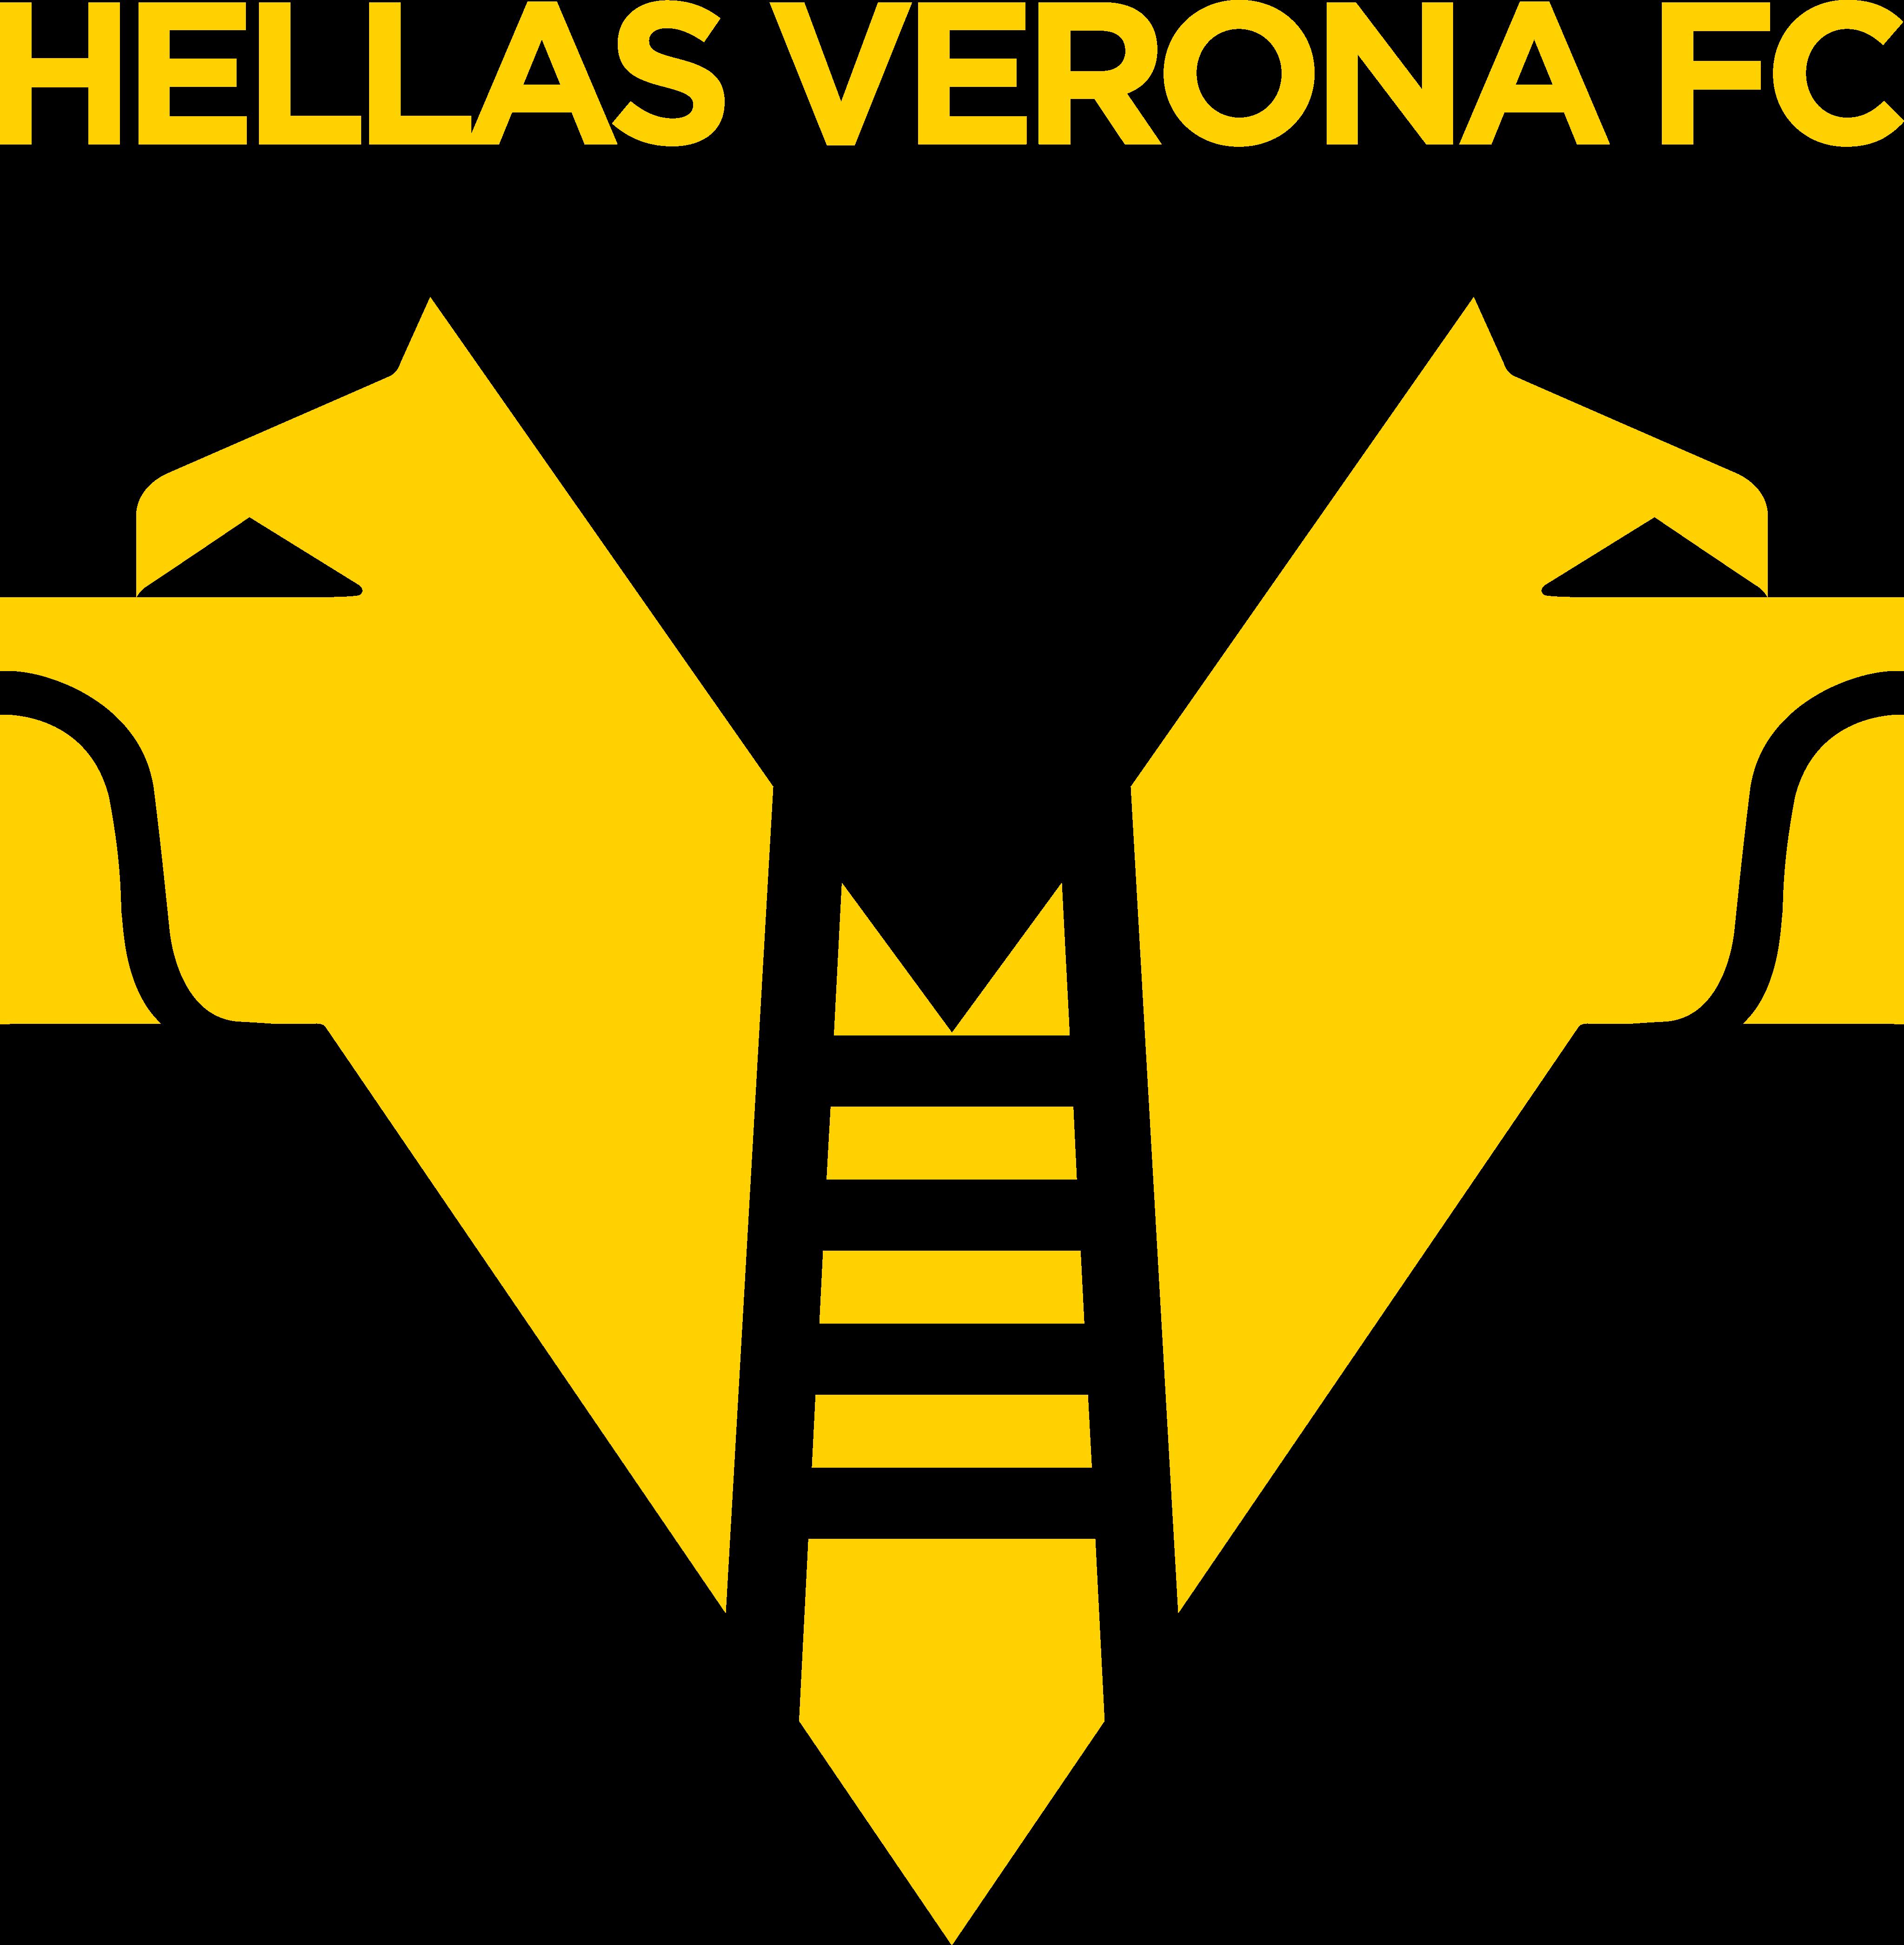 Hellas Verona FC Logo.